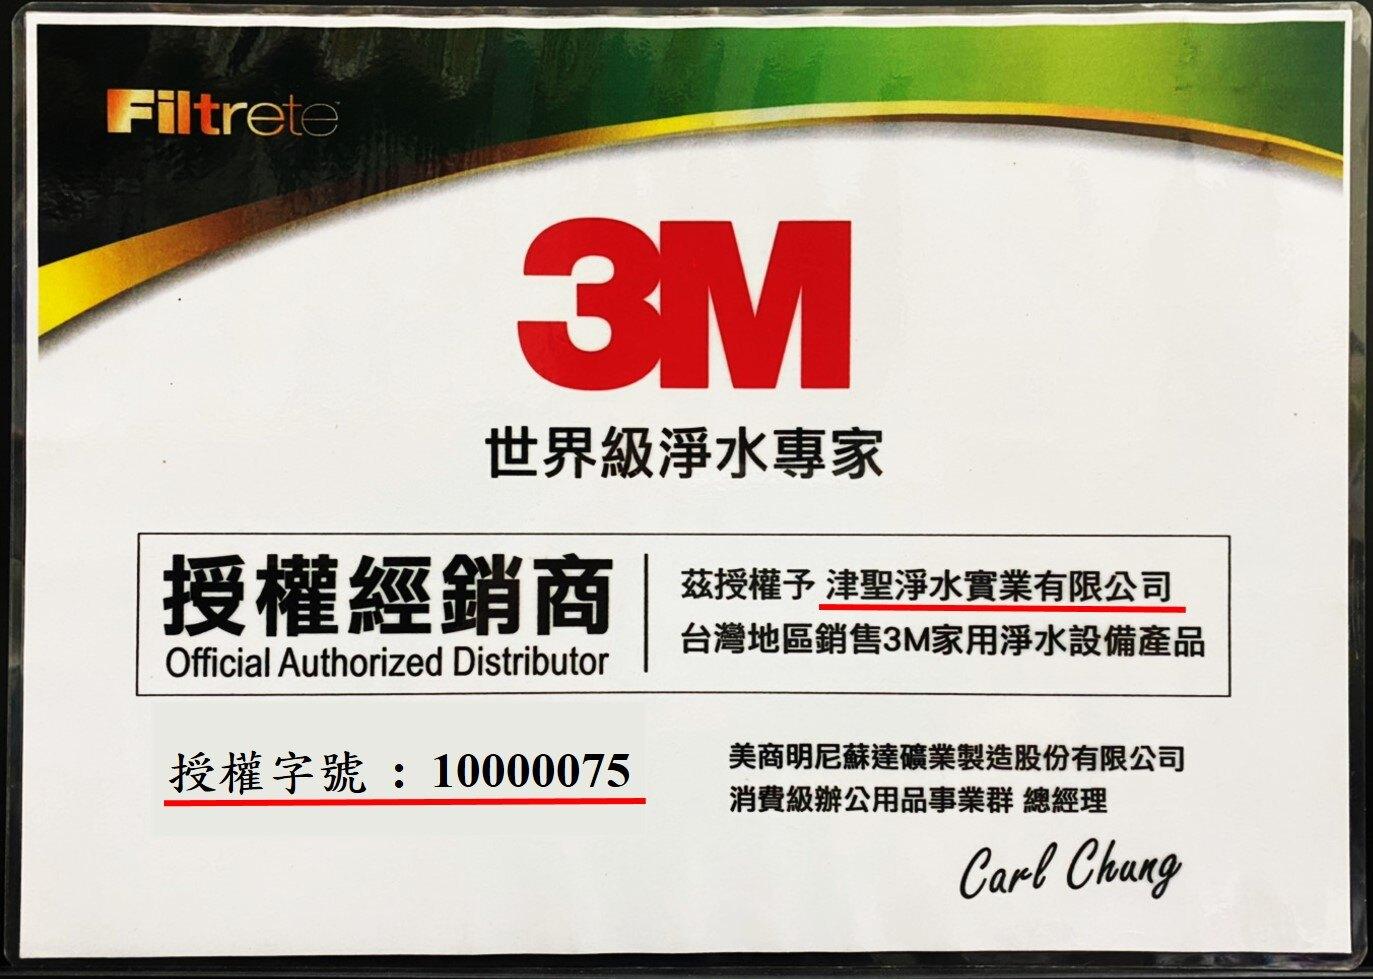 【津聖】3M HEAT2000熱飲機+S201超微密淨水器 【拜託 ! 懇請給小弟我一個服務的機會】【LINE ID: s099099】